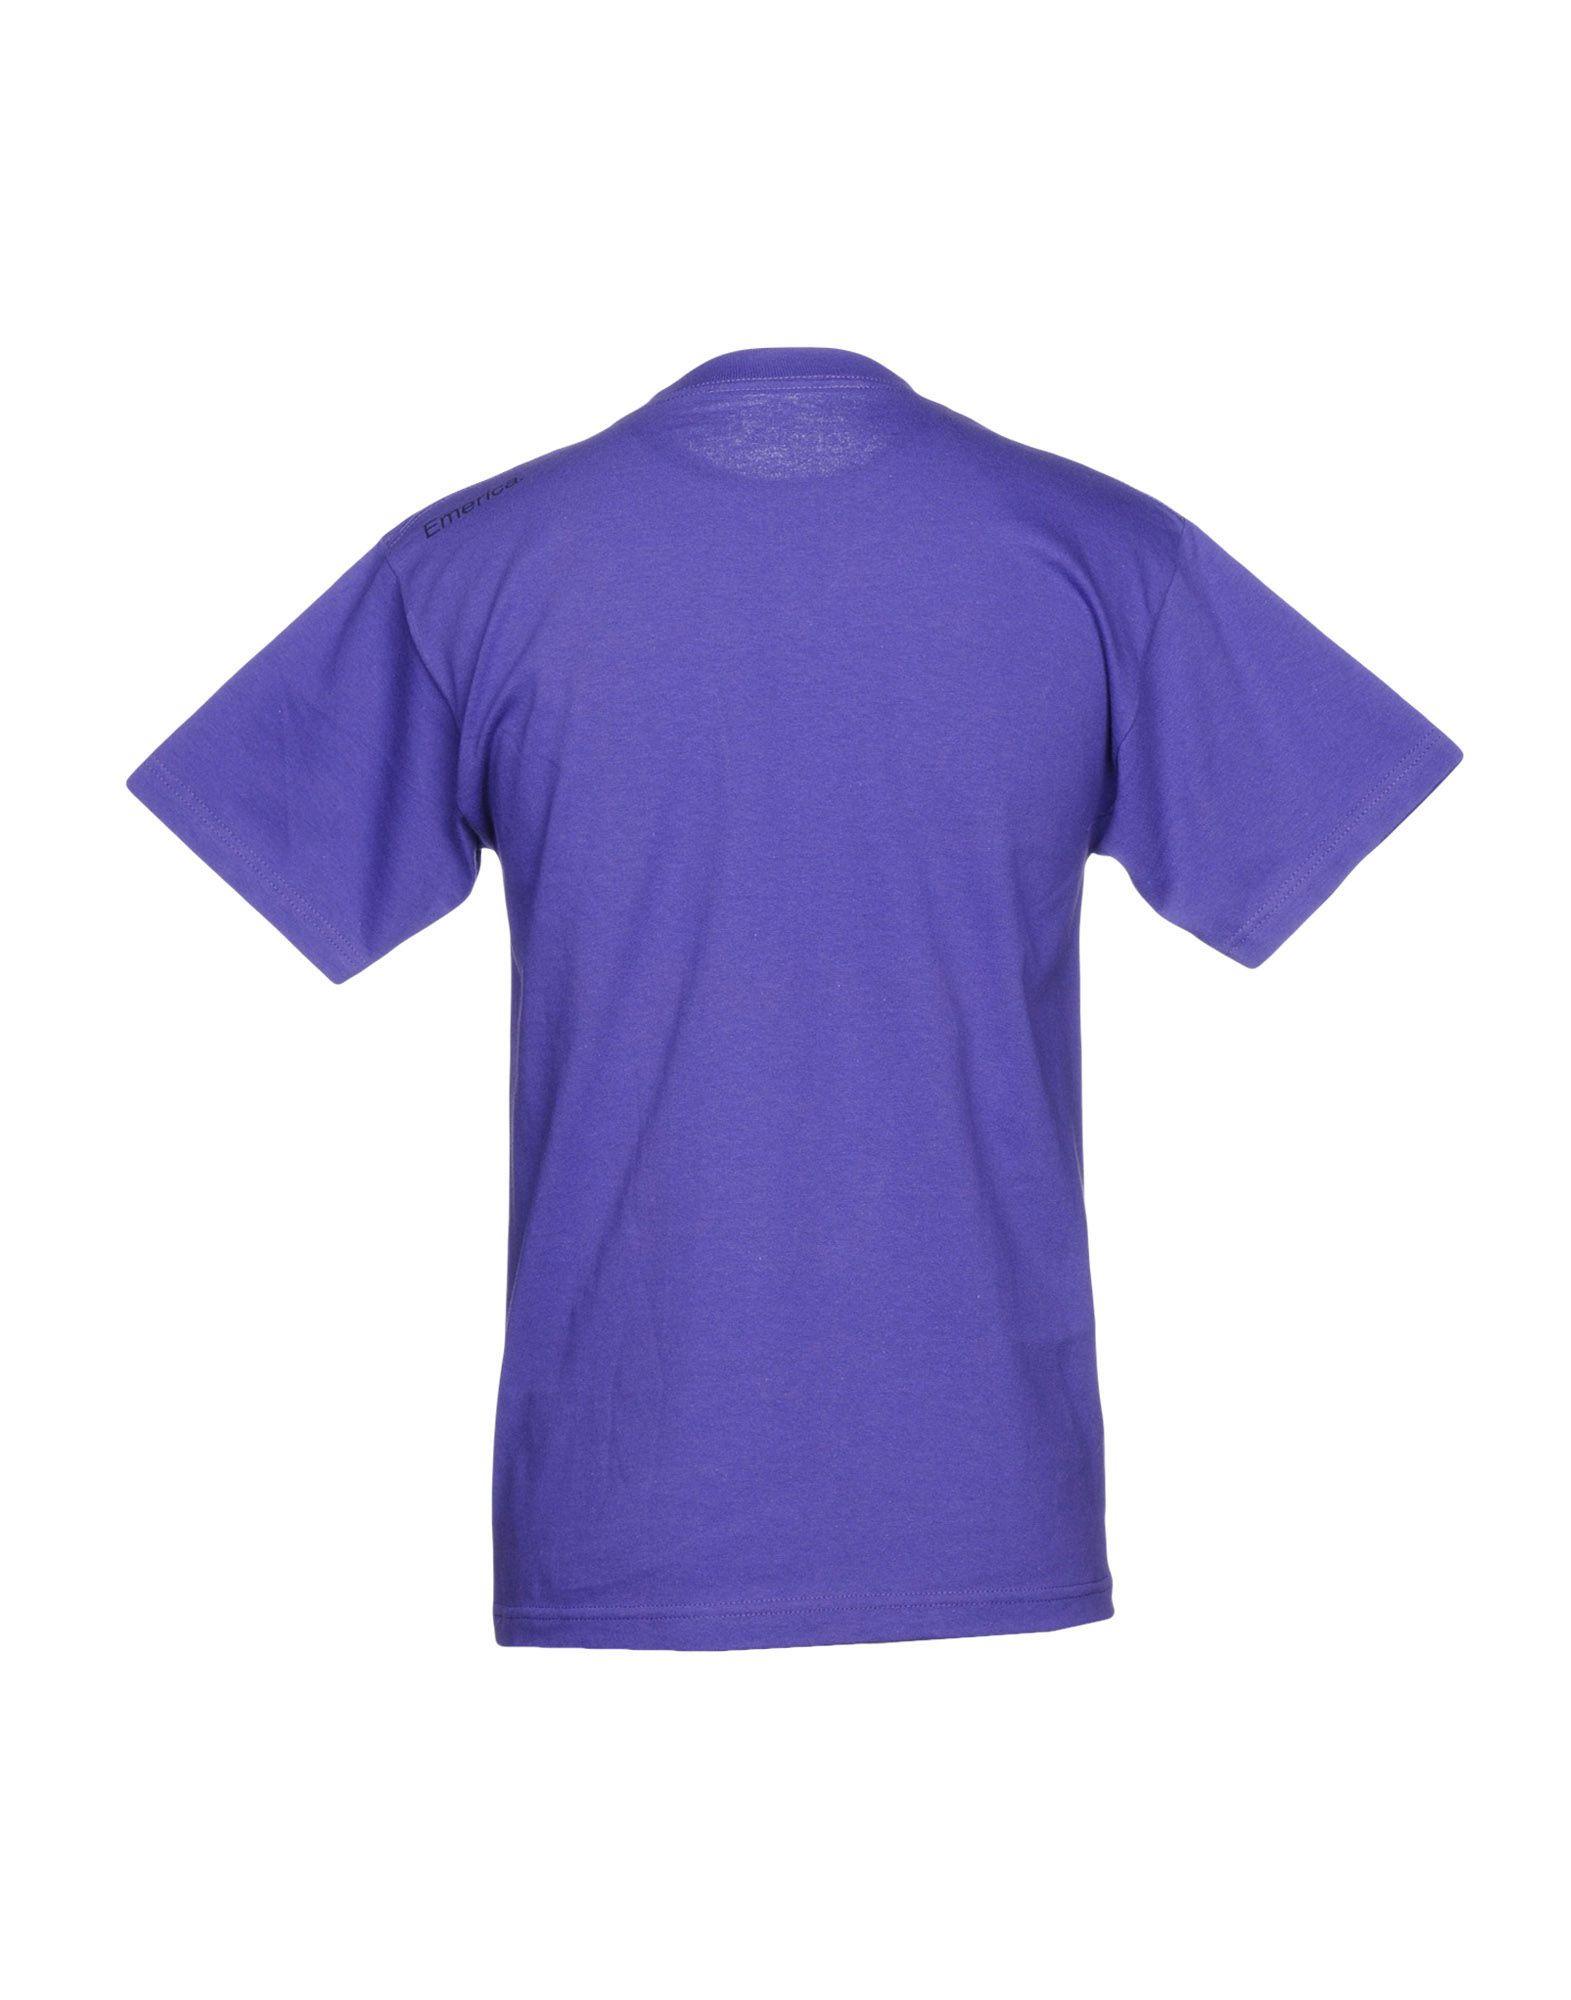 A buon mercato A buon mercato Uomo T-Shirt Emerica Uomo mercato - 12170797WX 057ff4